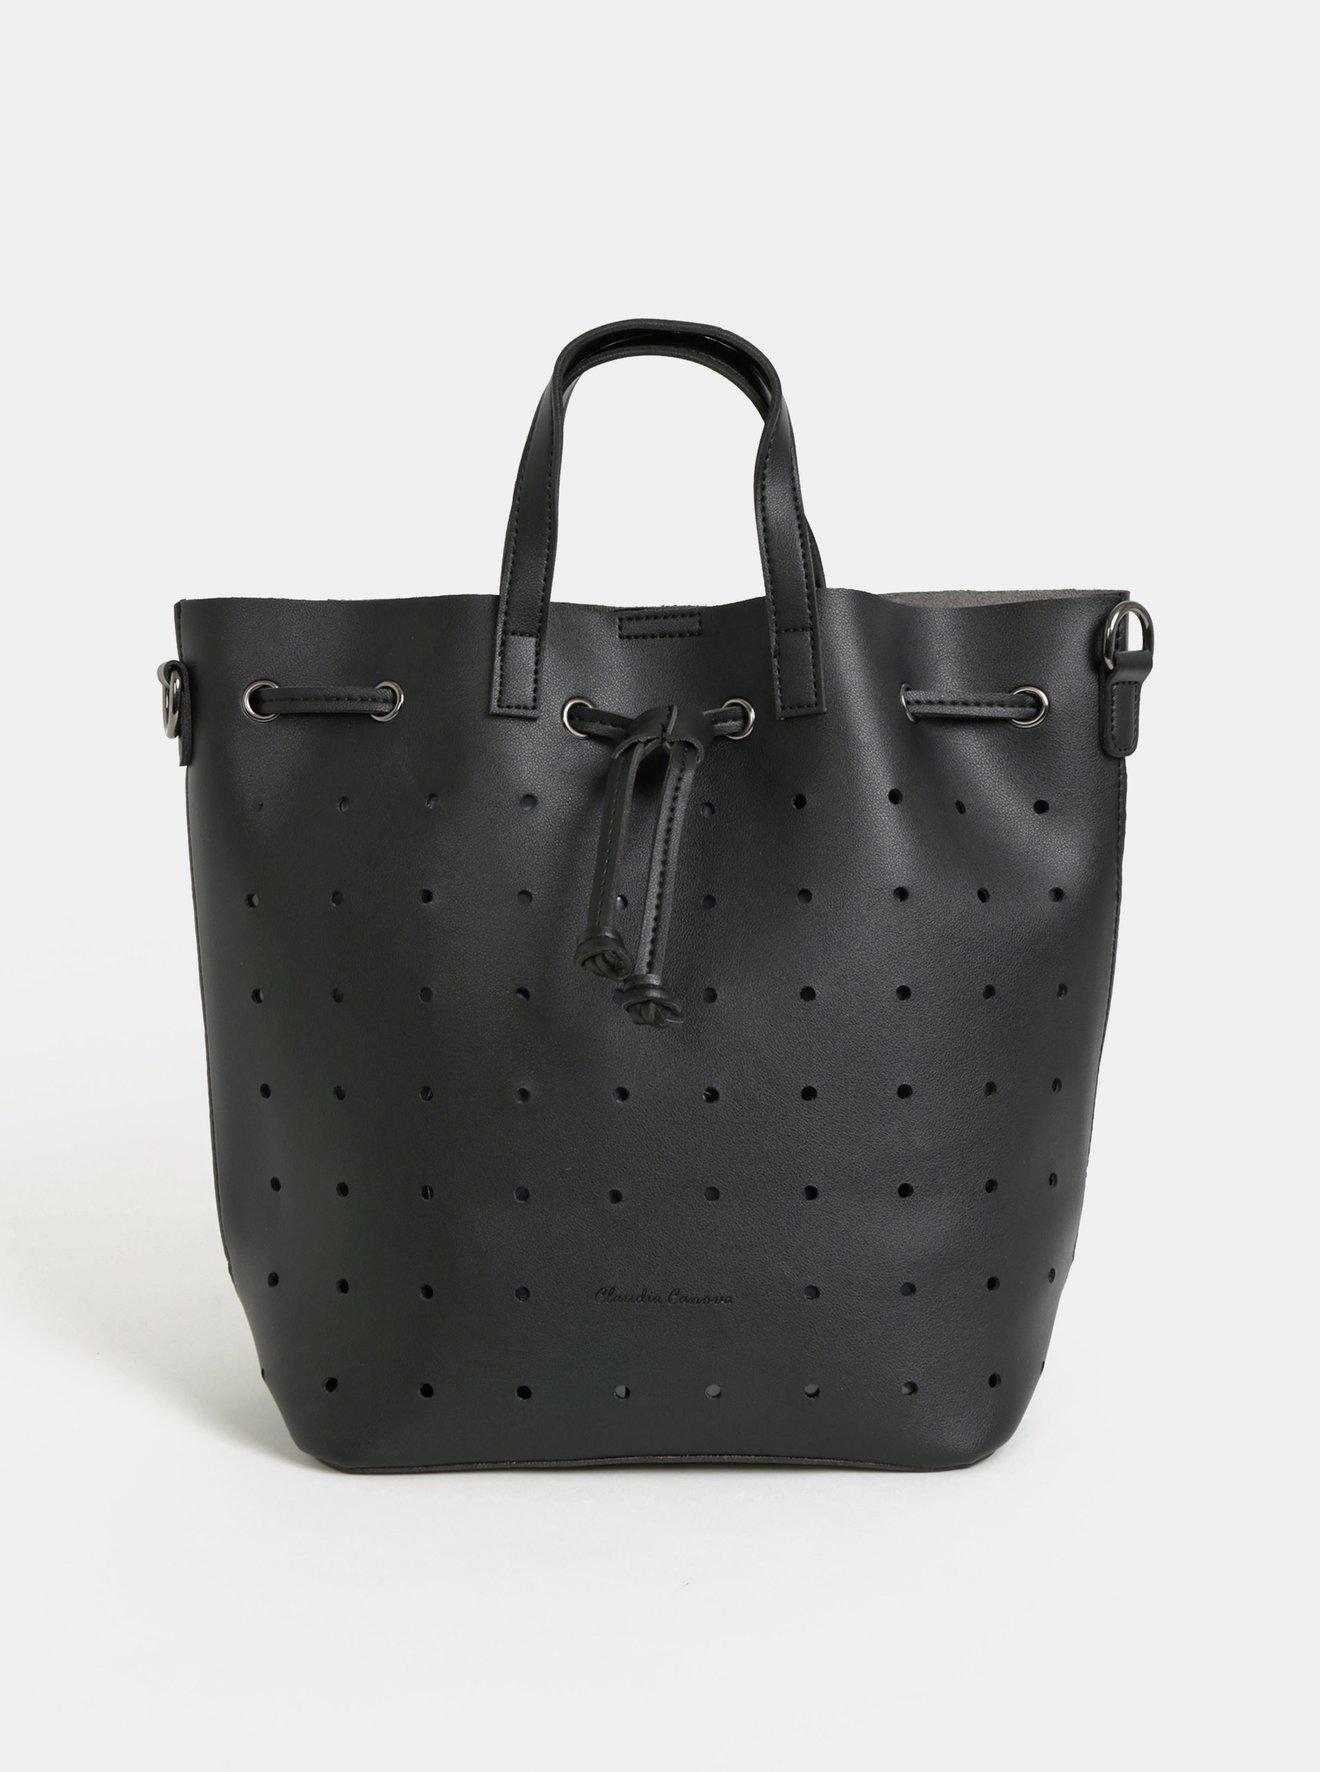 Černá děrovaná vaková kabelka/batoh Claudia Canova Danay